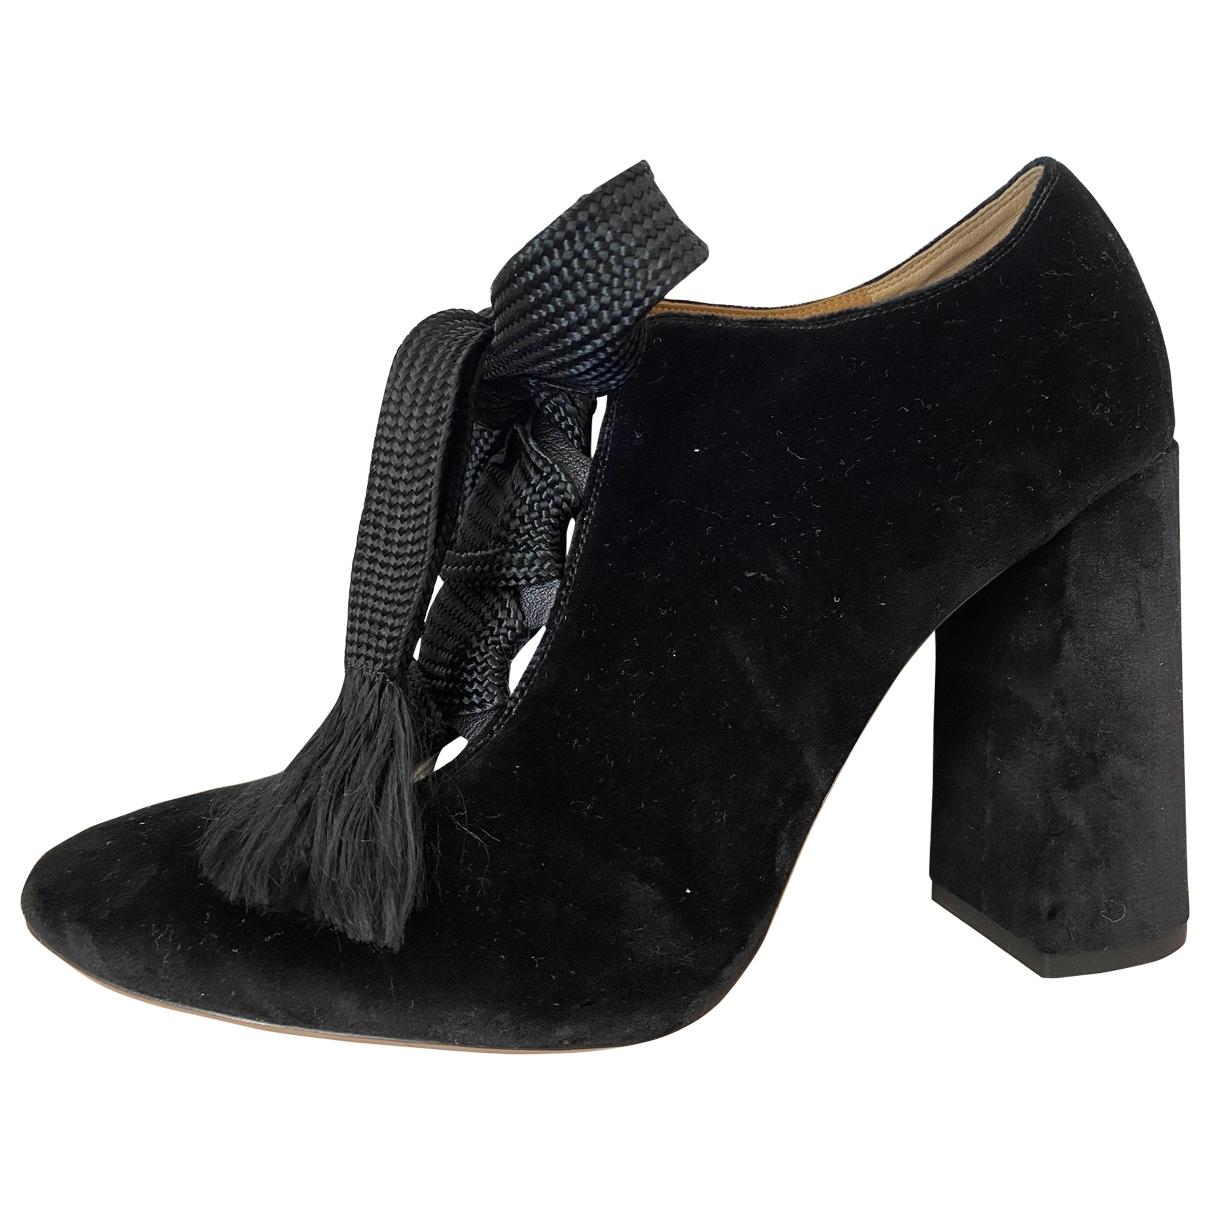 Chloe - Escarpins   pour femme en velours - noir